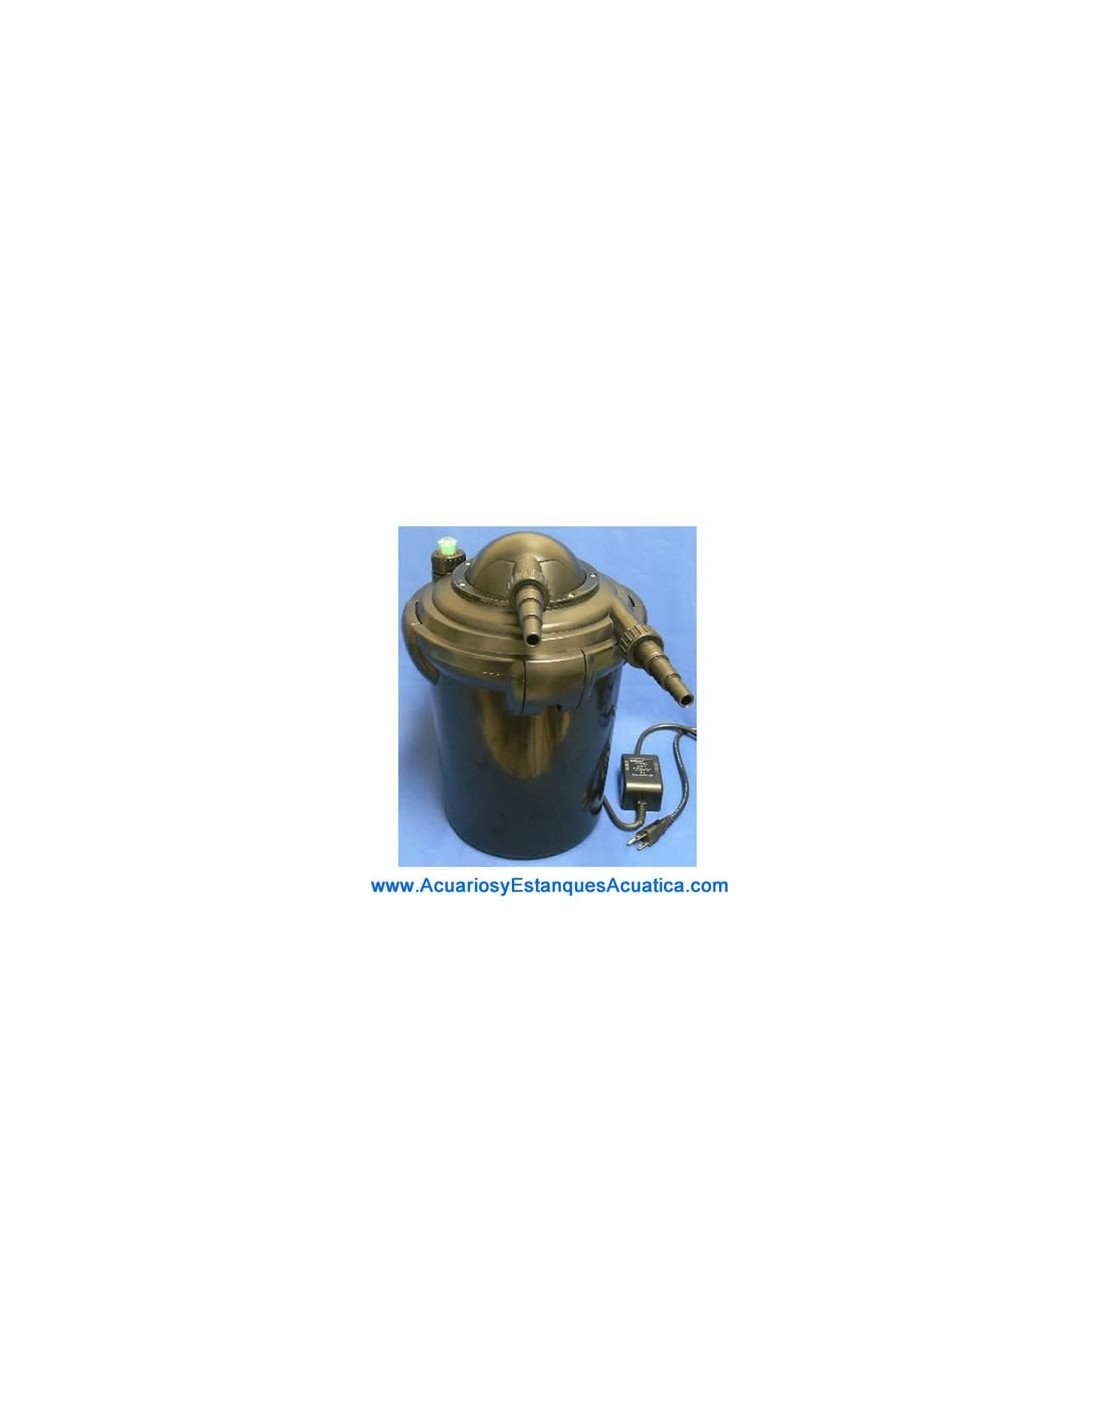 filtro a presion con lampara uv c 7w para estanques